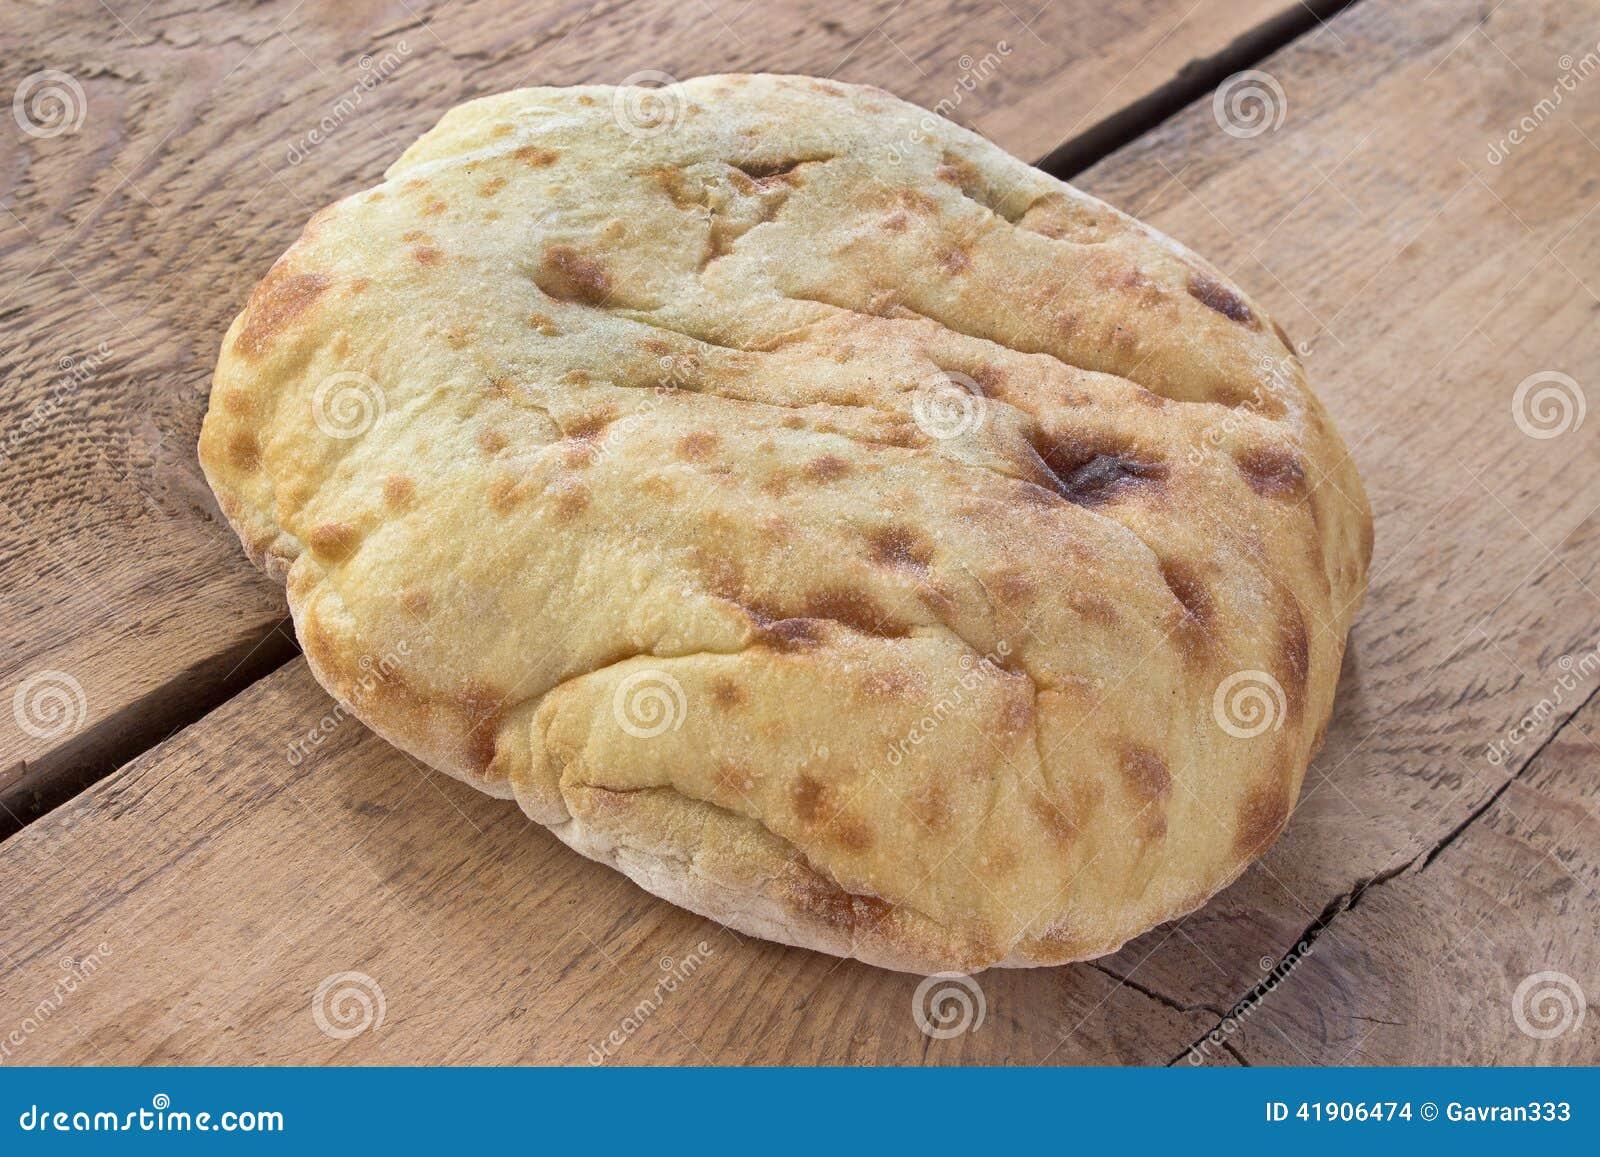 Árabe del pan - flatbread